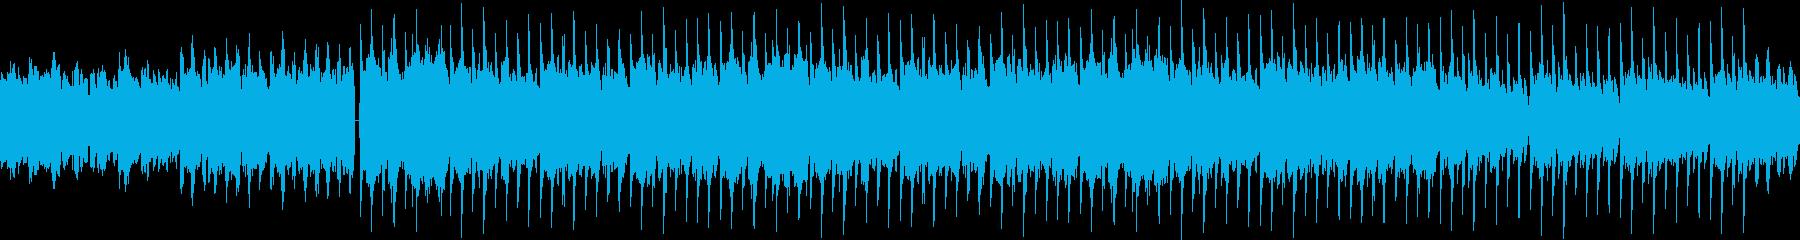 ギターメロディとコーラスのループ曲の再生済みの波形